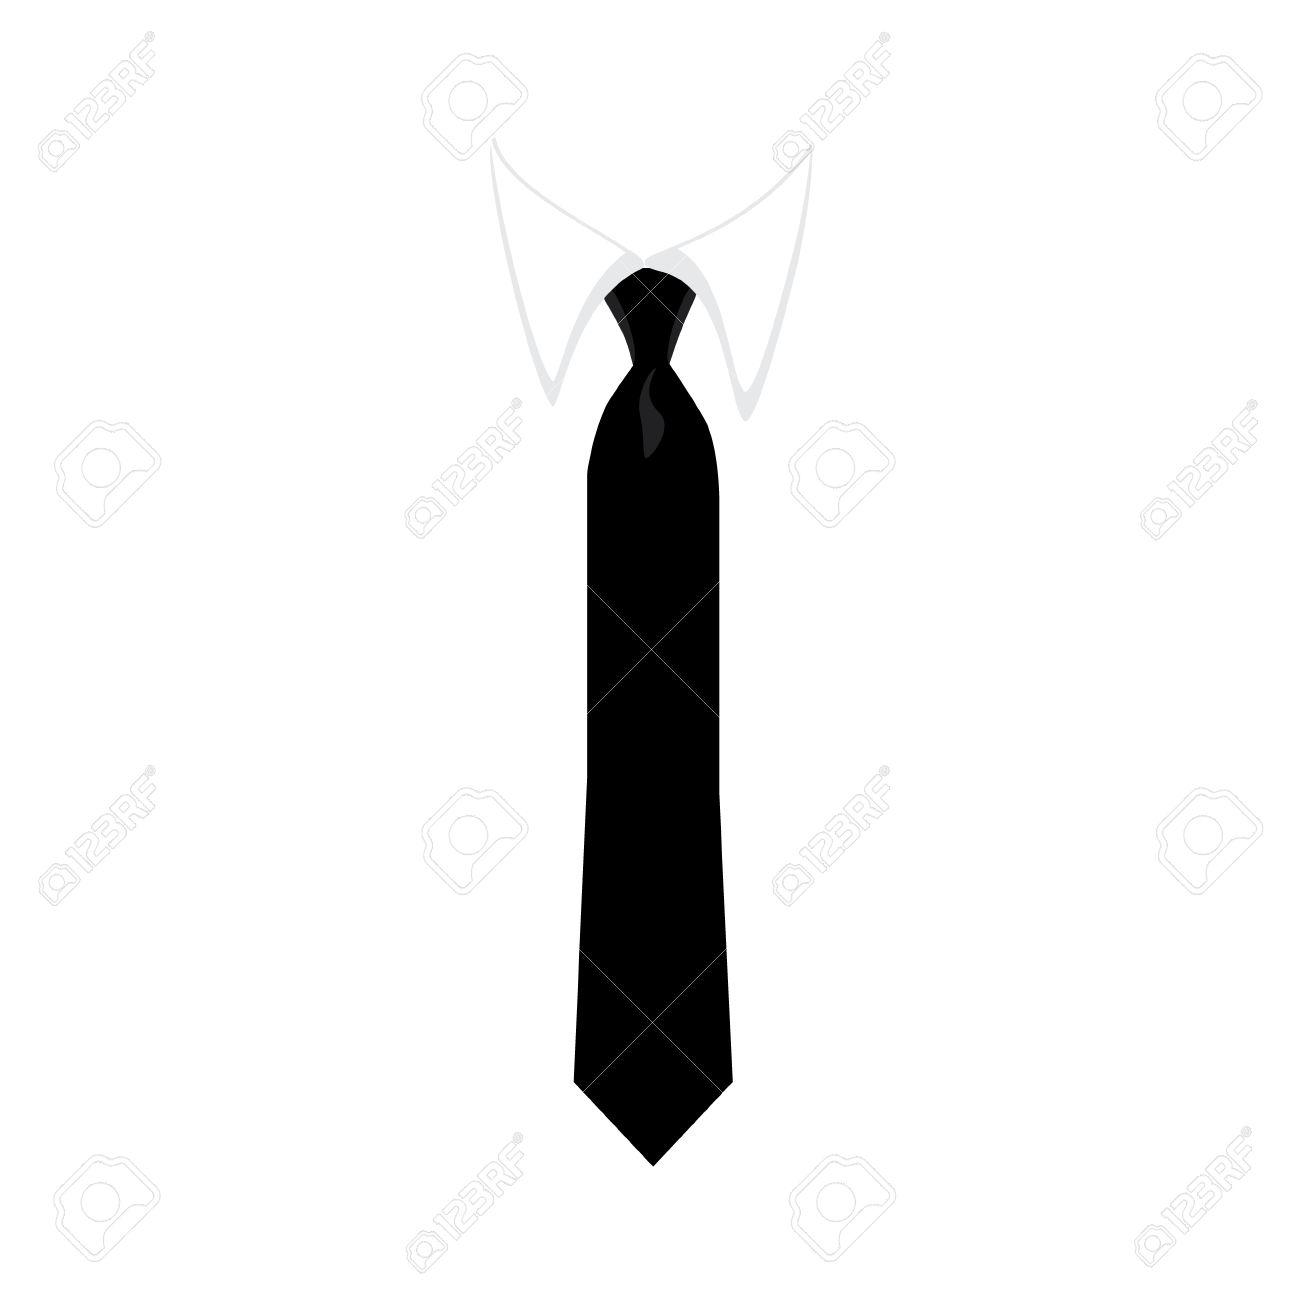 Noir Cravate Vecteur Icone Vector Illustration D Une Chemise